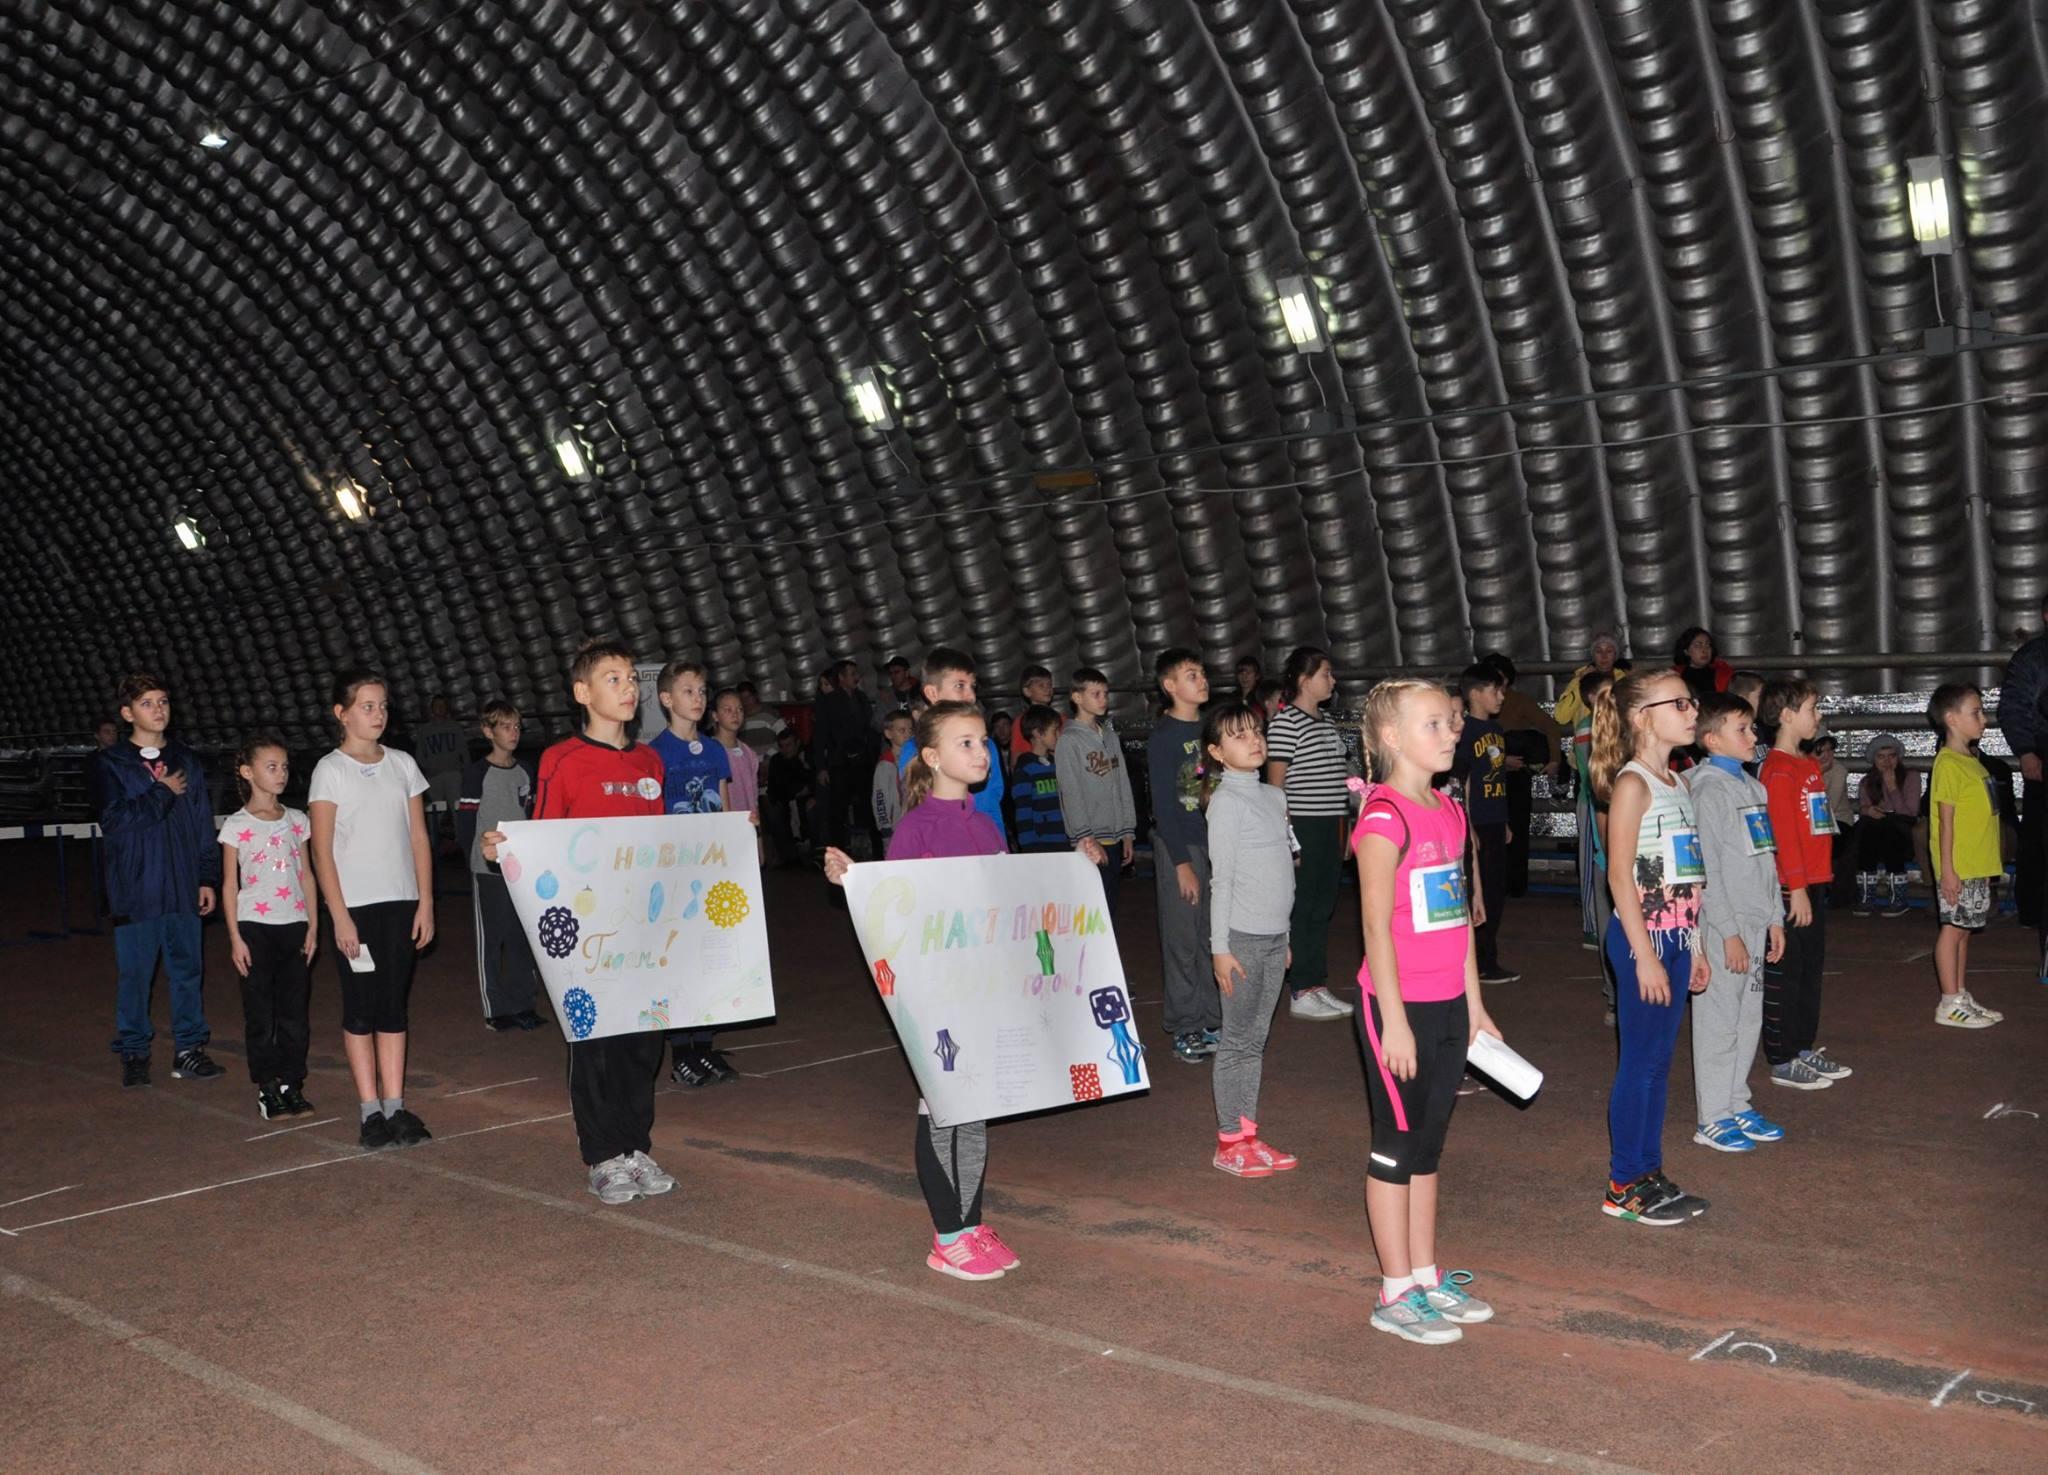 У Миколаєві відбувся відкритий чемпіонат з легкої атлетики